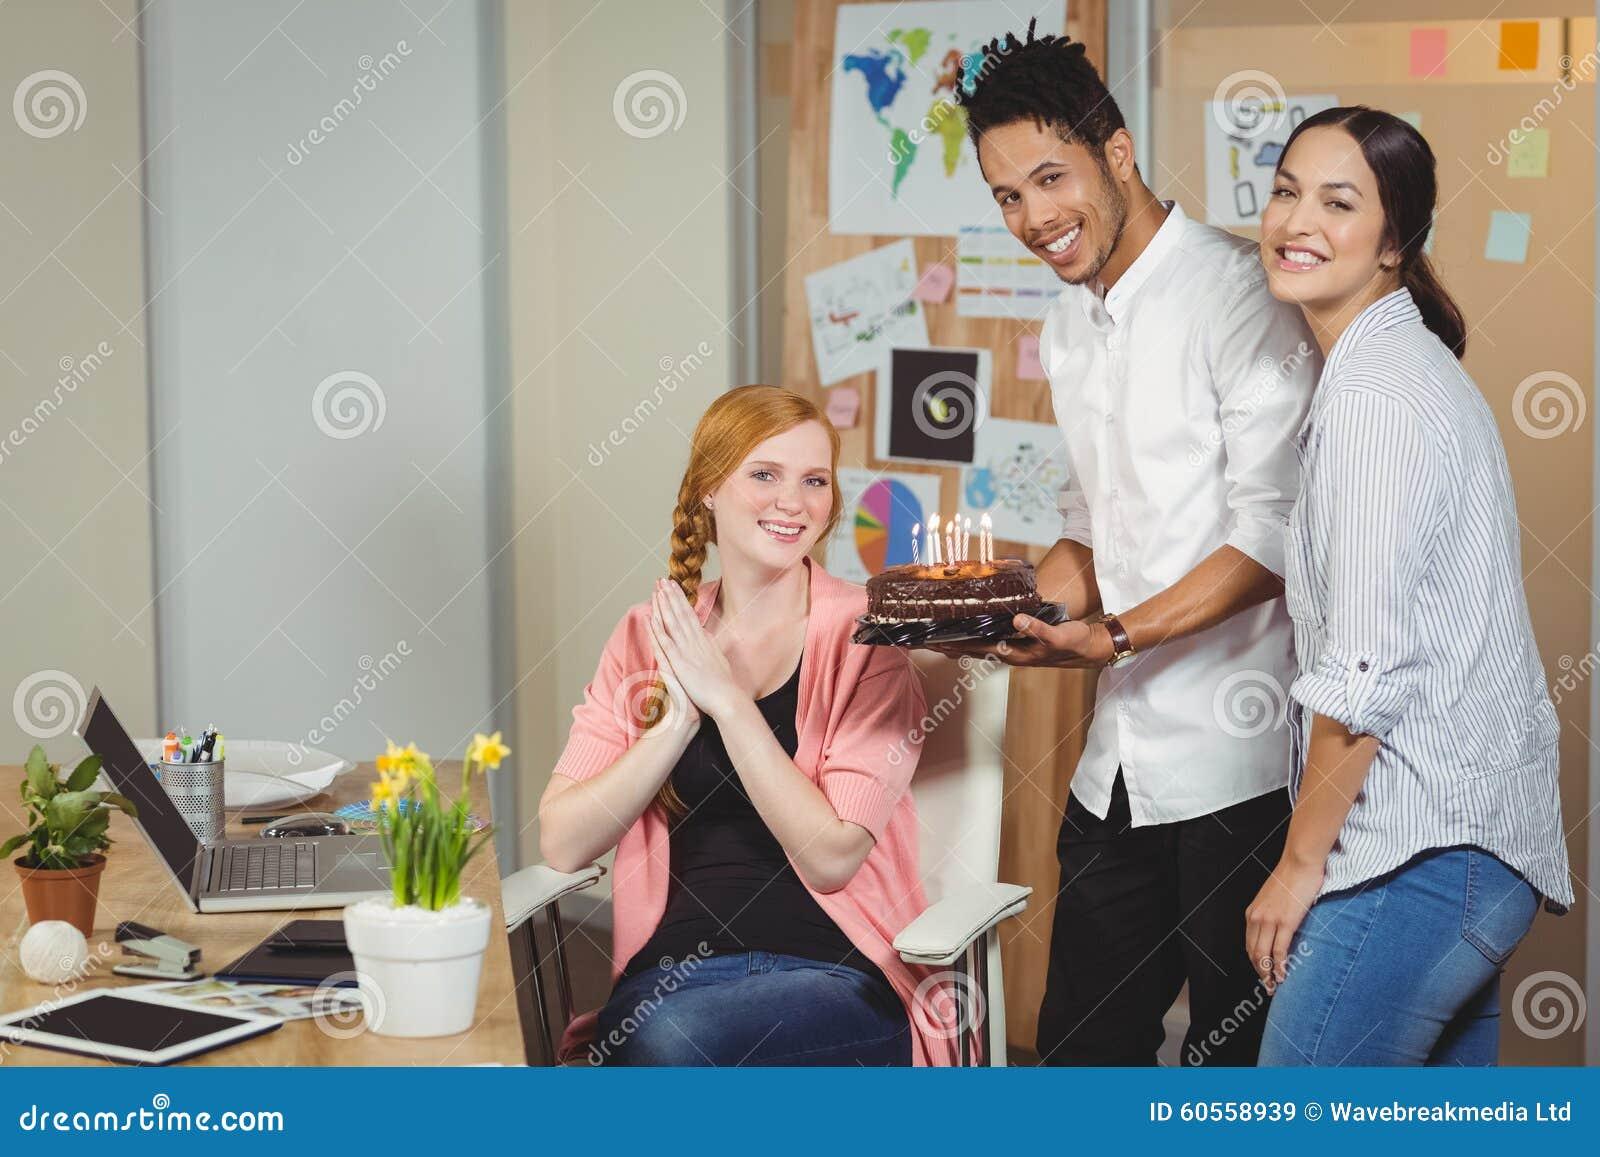 Kollegen Die Mit Kuchen Aufwerfen Stockbild Bild Von Hande